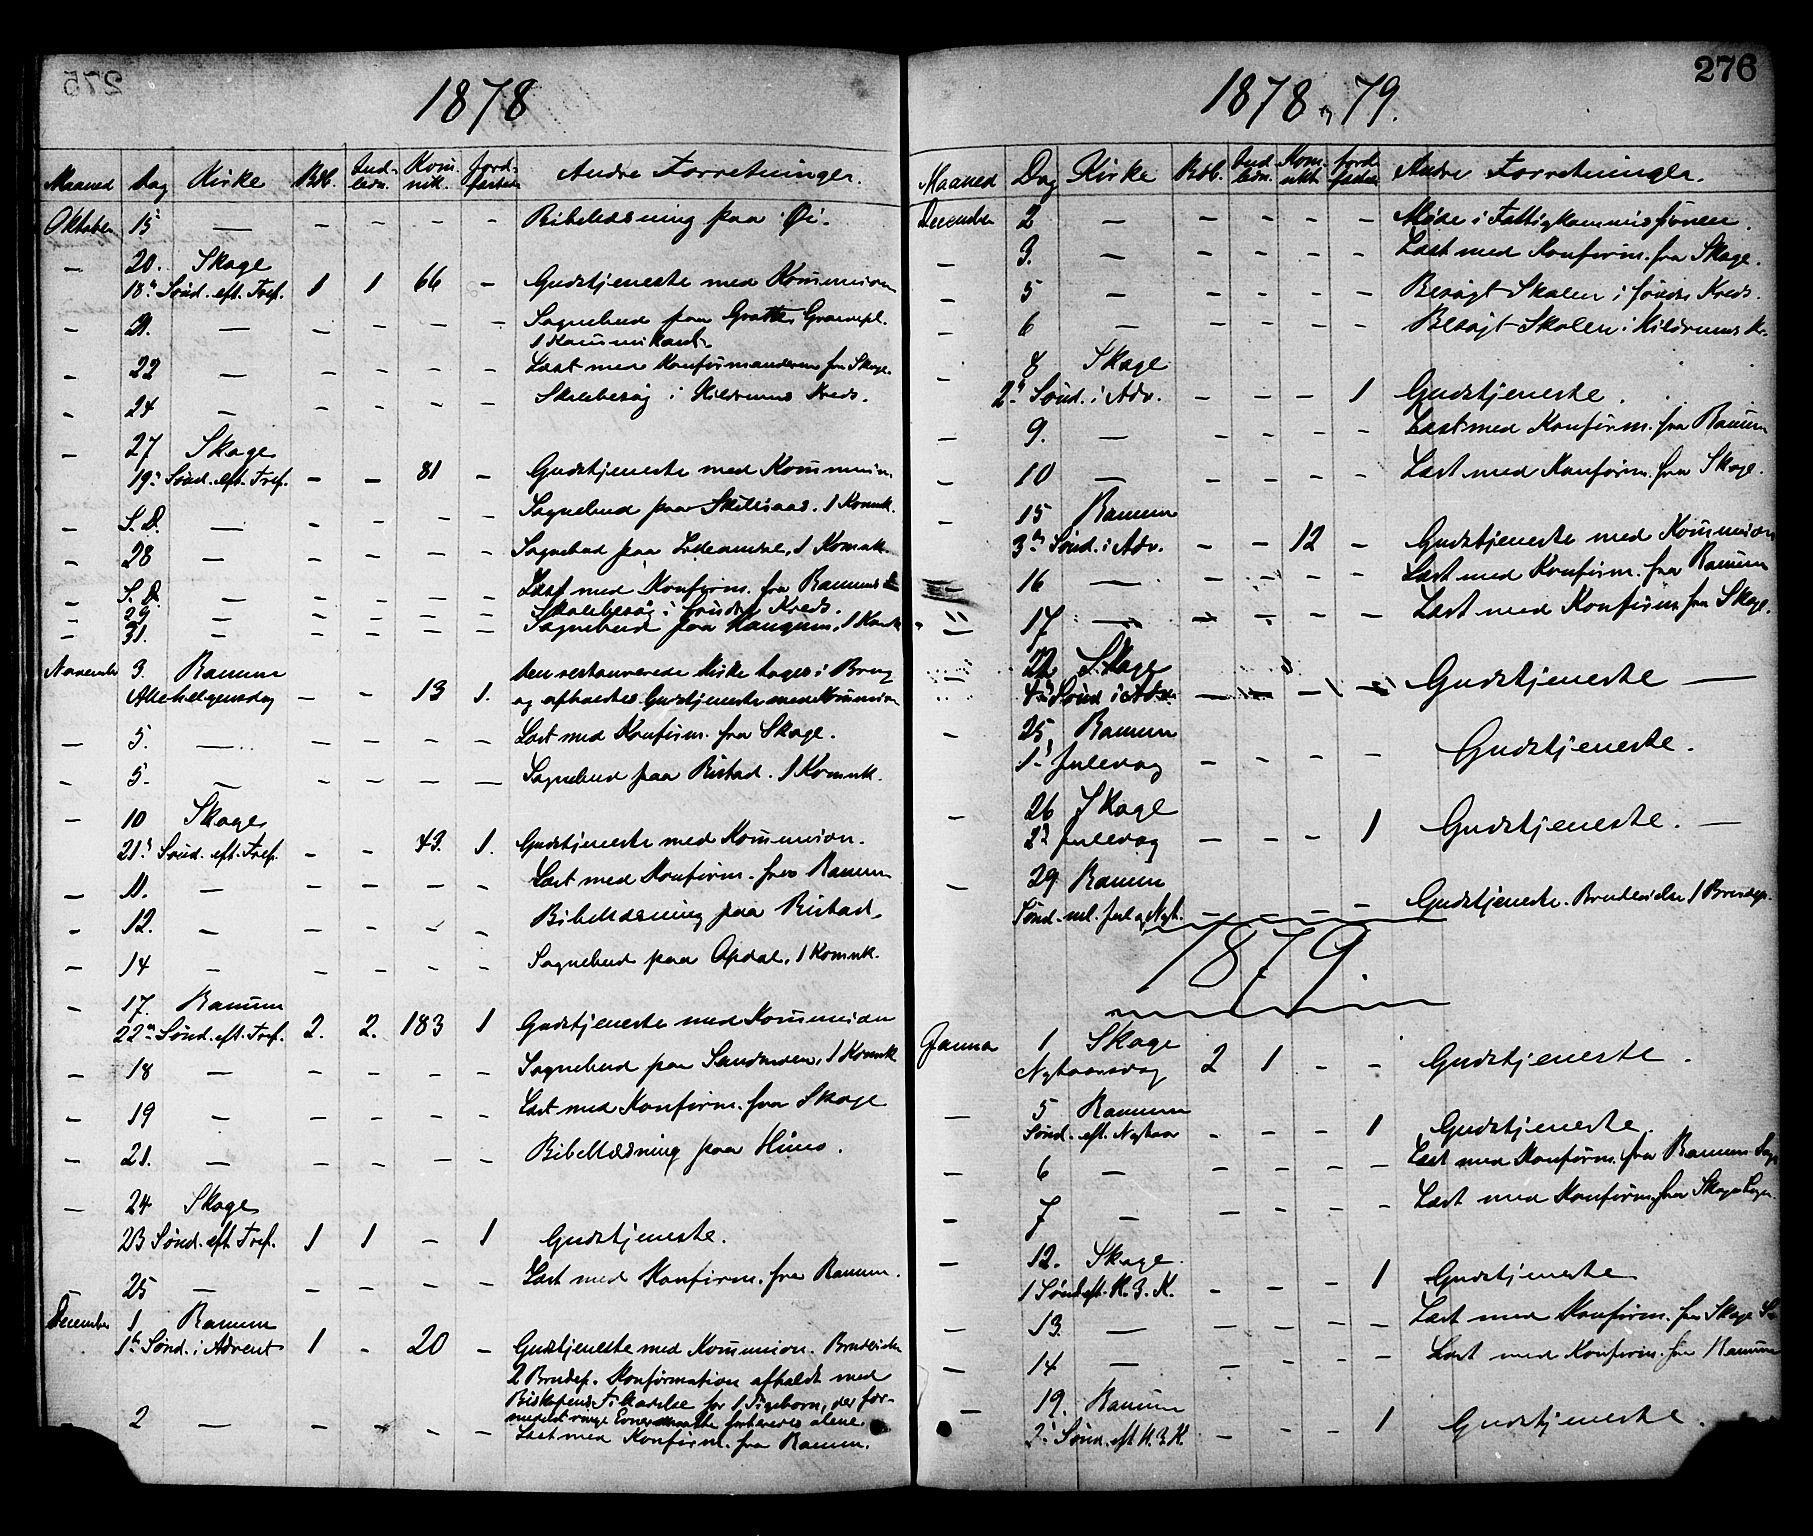 SAT, Ministerialprotokoller, klokkerbøker og fødselsregistre - Nord-Trøndelag, 764/L0554: Ministerialbok nr. 764A09, 1867-1880, s. 276